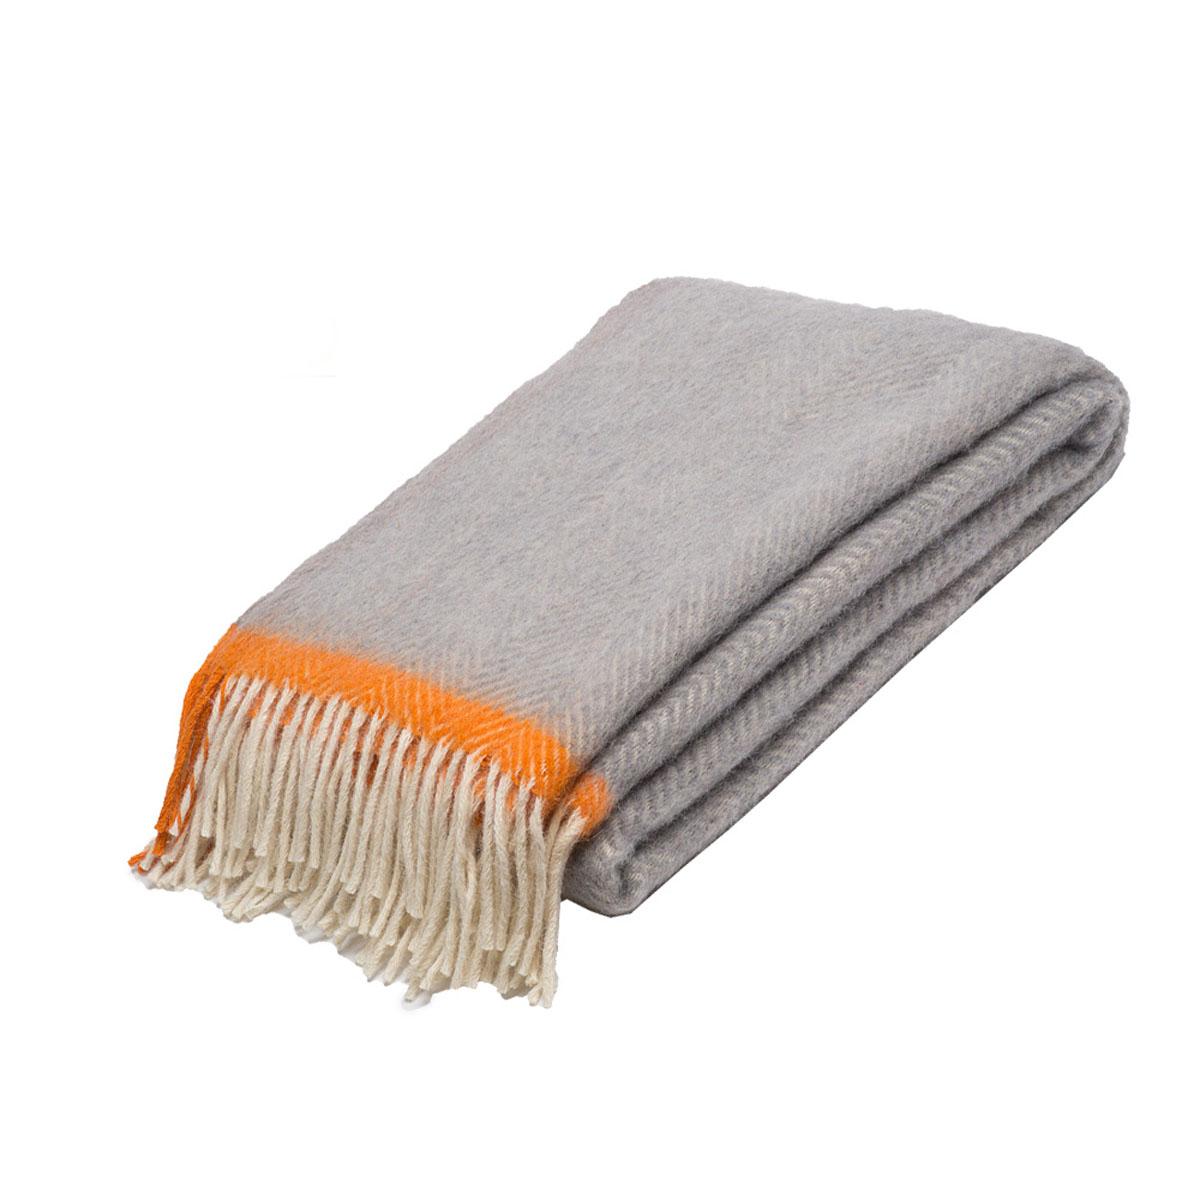 Плед Руно Mone, цвет: светло-серый, оранжевый, 140 х 200 см. 1-541-140 (02)1-541-140 (02)Плед Руно Mone гармонично впишется в интерьер вашего дома и создаст атмосферу уюта и комфорта. Чрезвычайно мягкий и теплый плед с кистями изготовлен из натуральной овечьей шерсти. Высочайшее качество материала гарантирует безопасность не только взрослых, но и самых маленьких членов семьи.Плед - это такой подарок, который будет всегда актуален, особенно для ваших родных и близких, ведь вы дарите им частичку своего тепла!